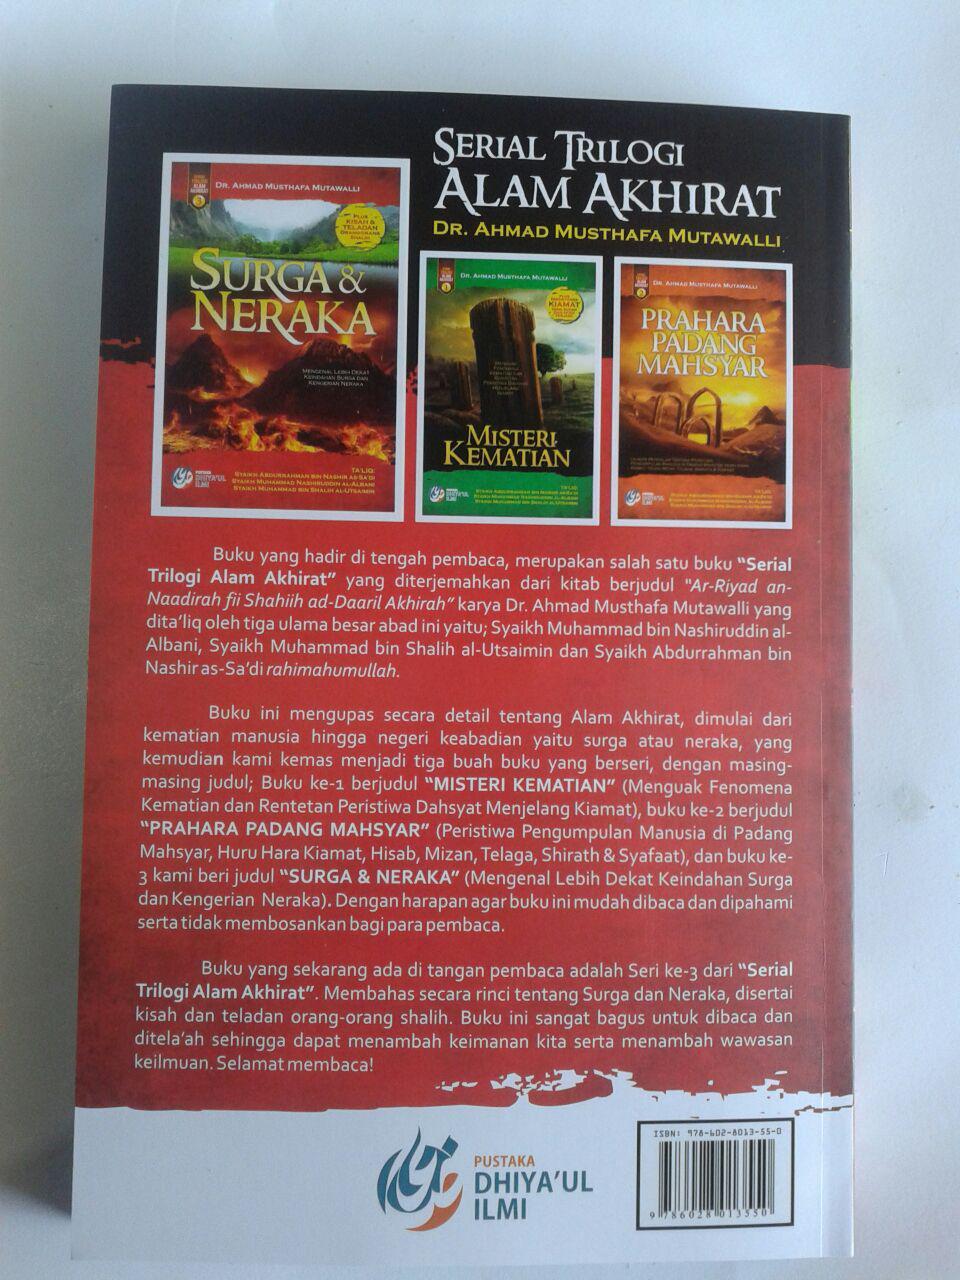 Buku Surga dan Neraka (Seri 3 Trilogi Alam Akhirat) cover